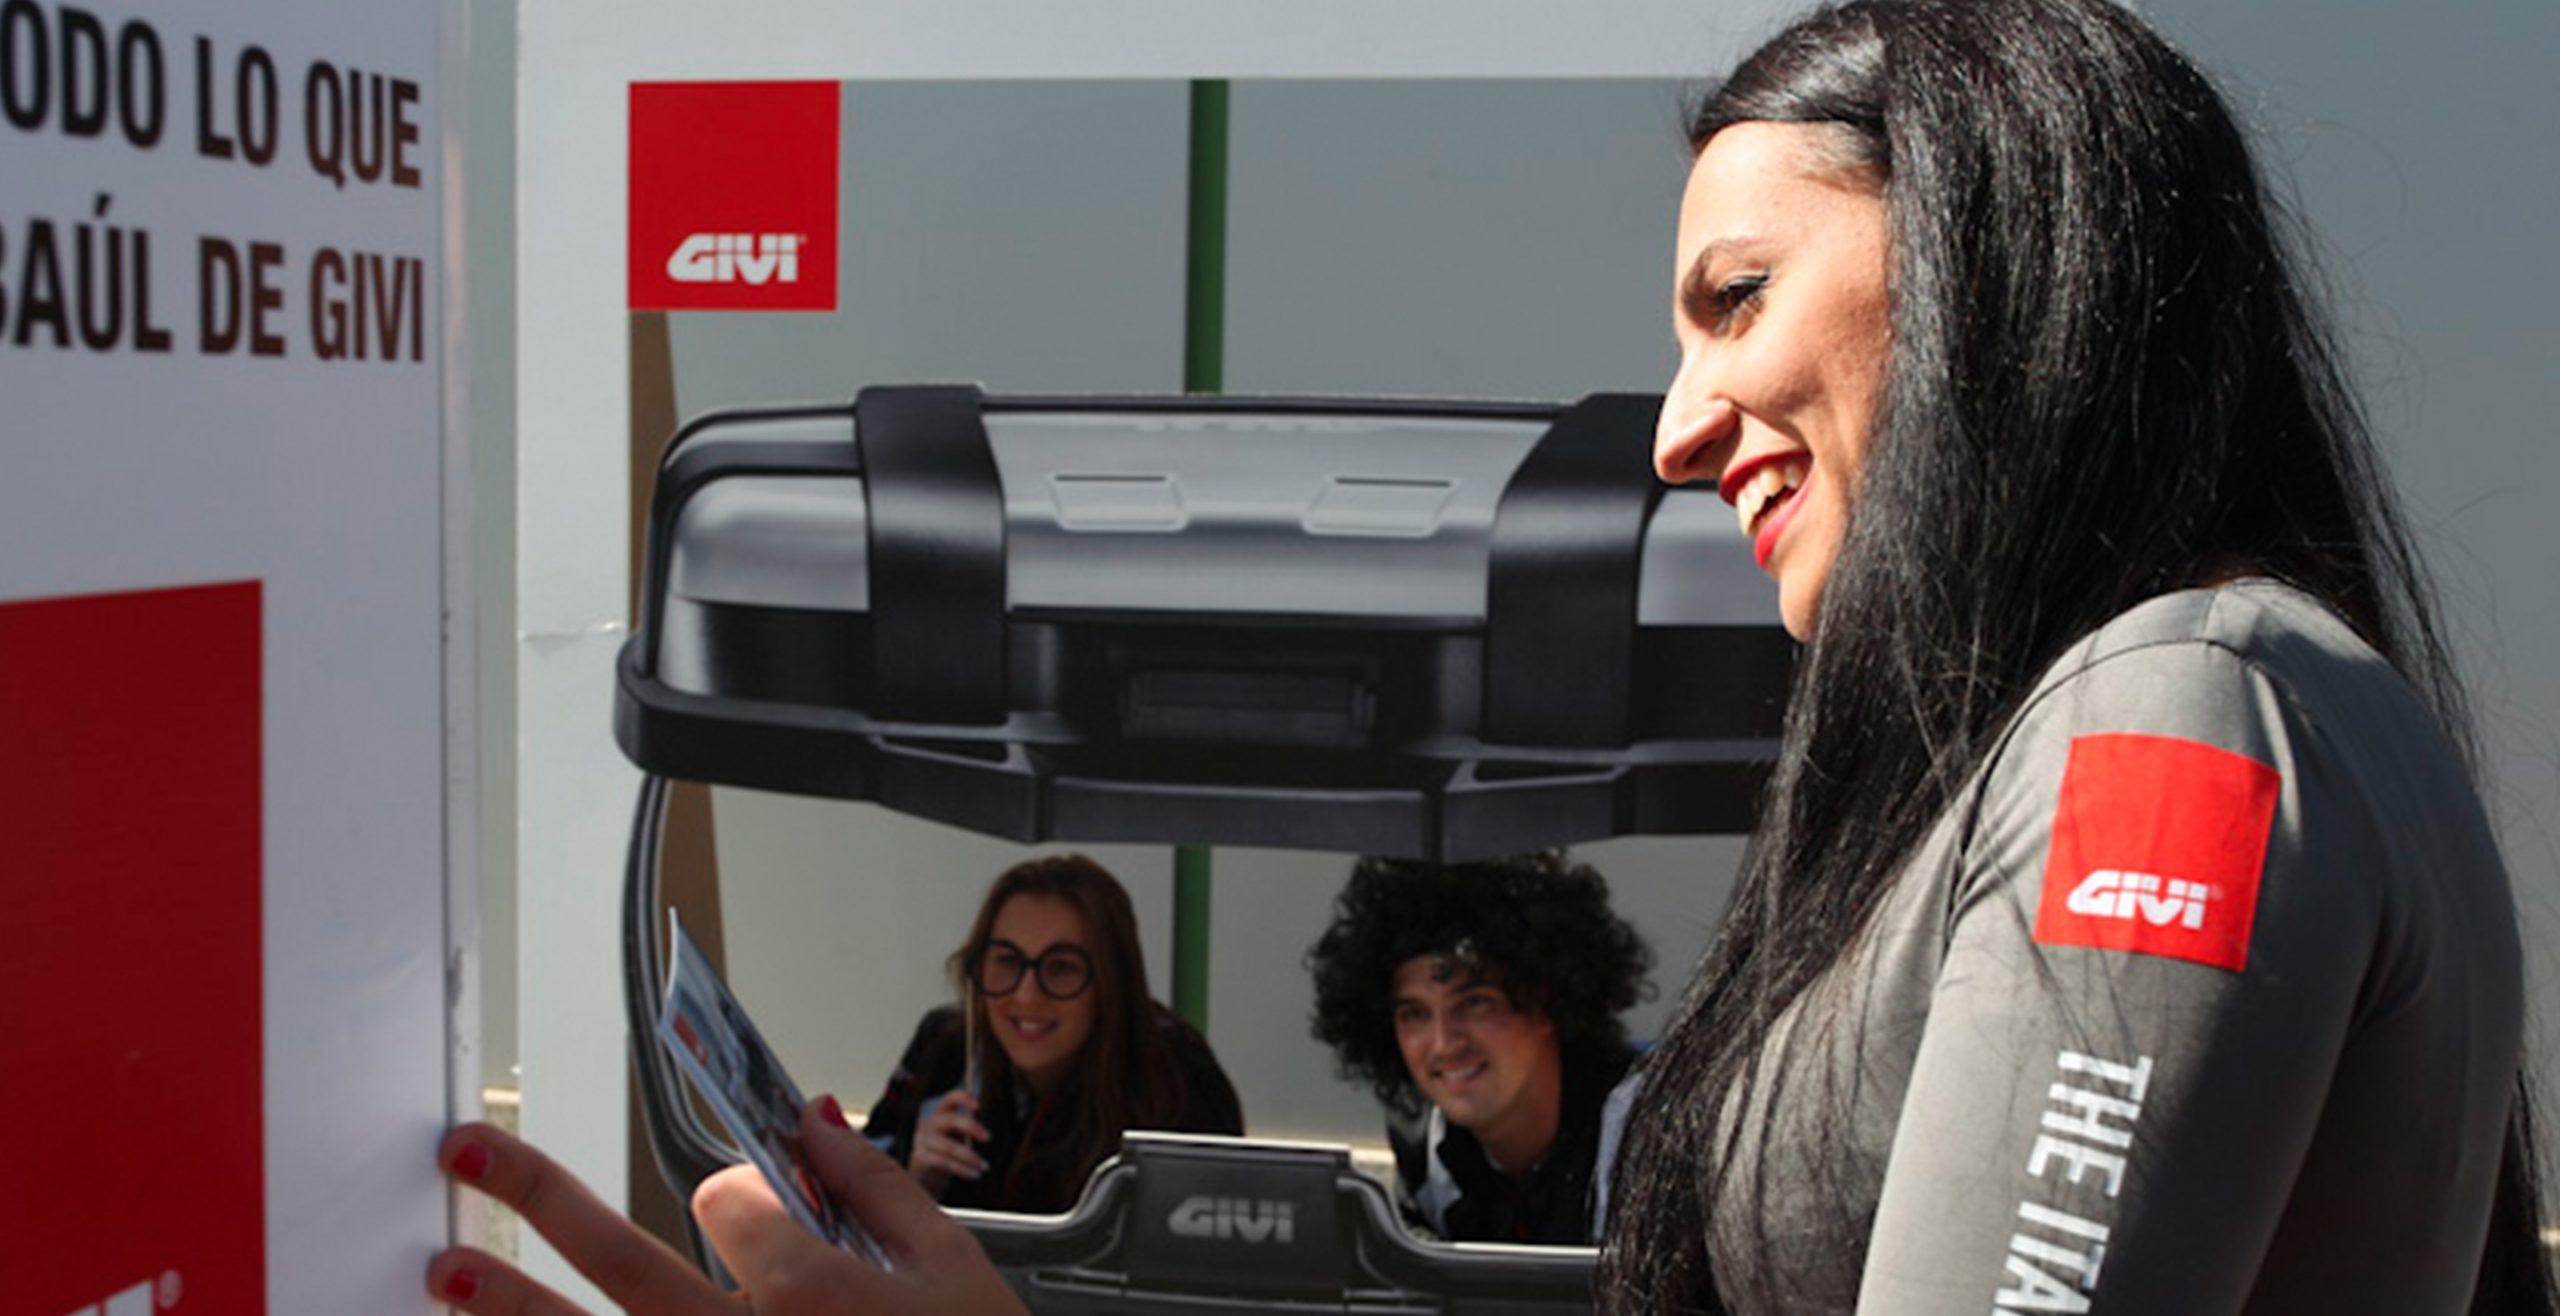 Baúl gigante GIVI para accón de marketing de guerrilla durante la celebración del Gran Premio de Motociclismo de Jerez 2014